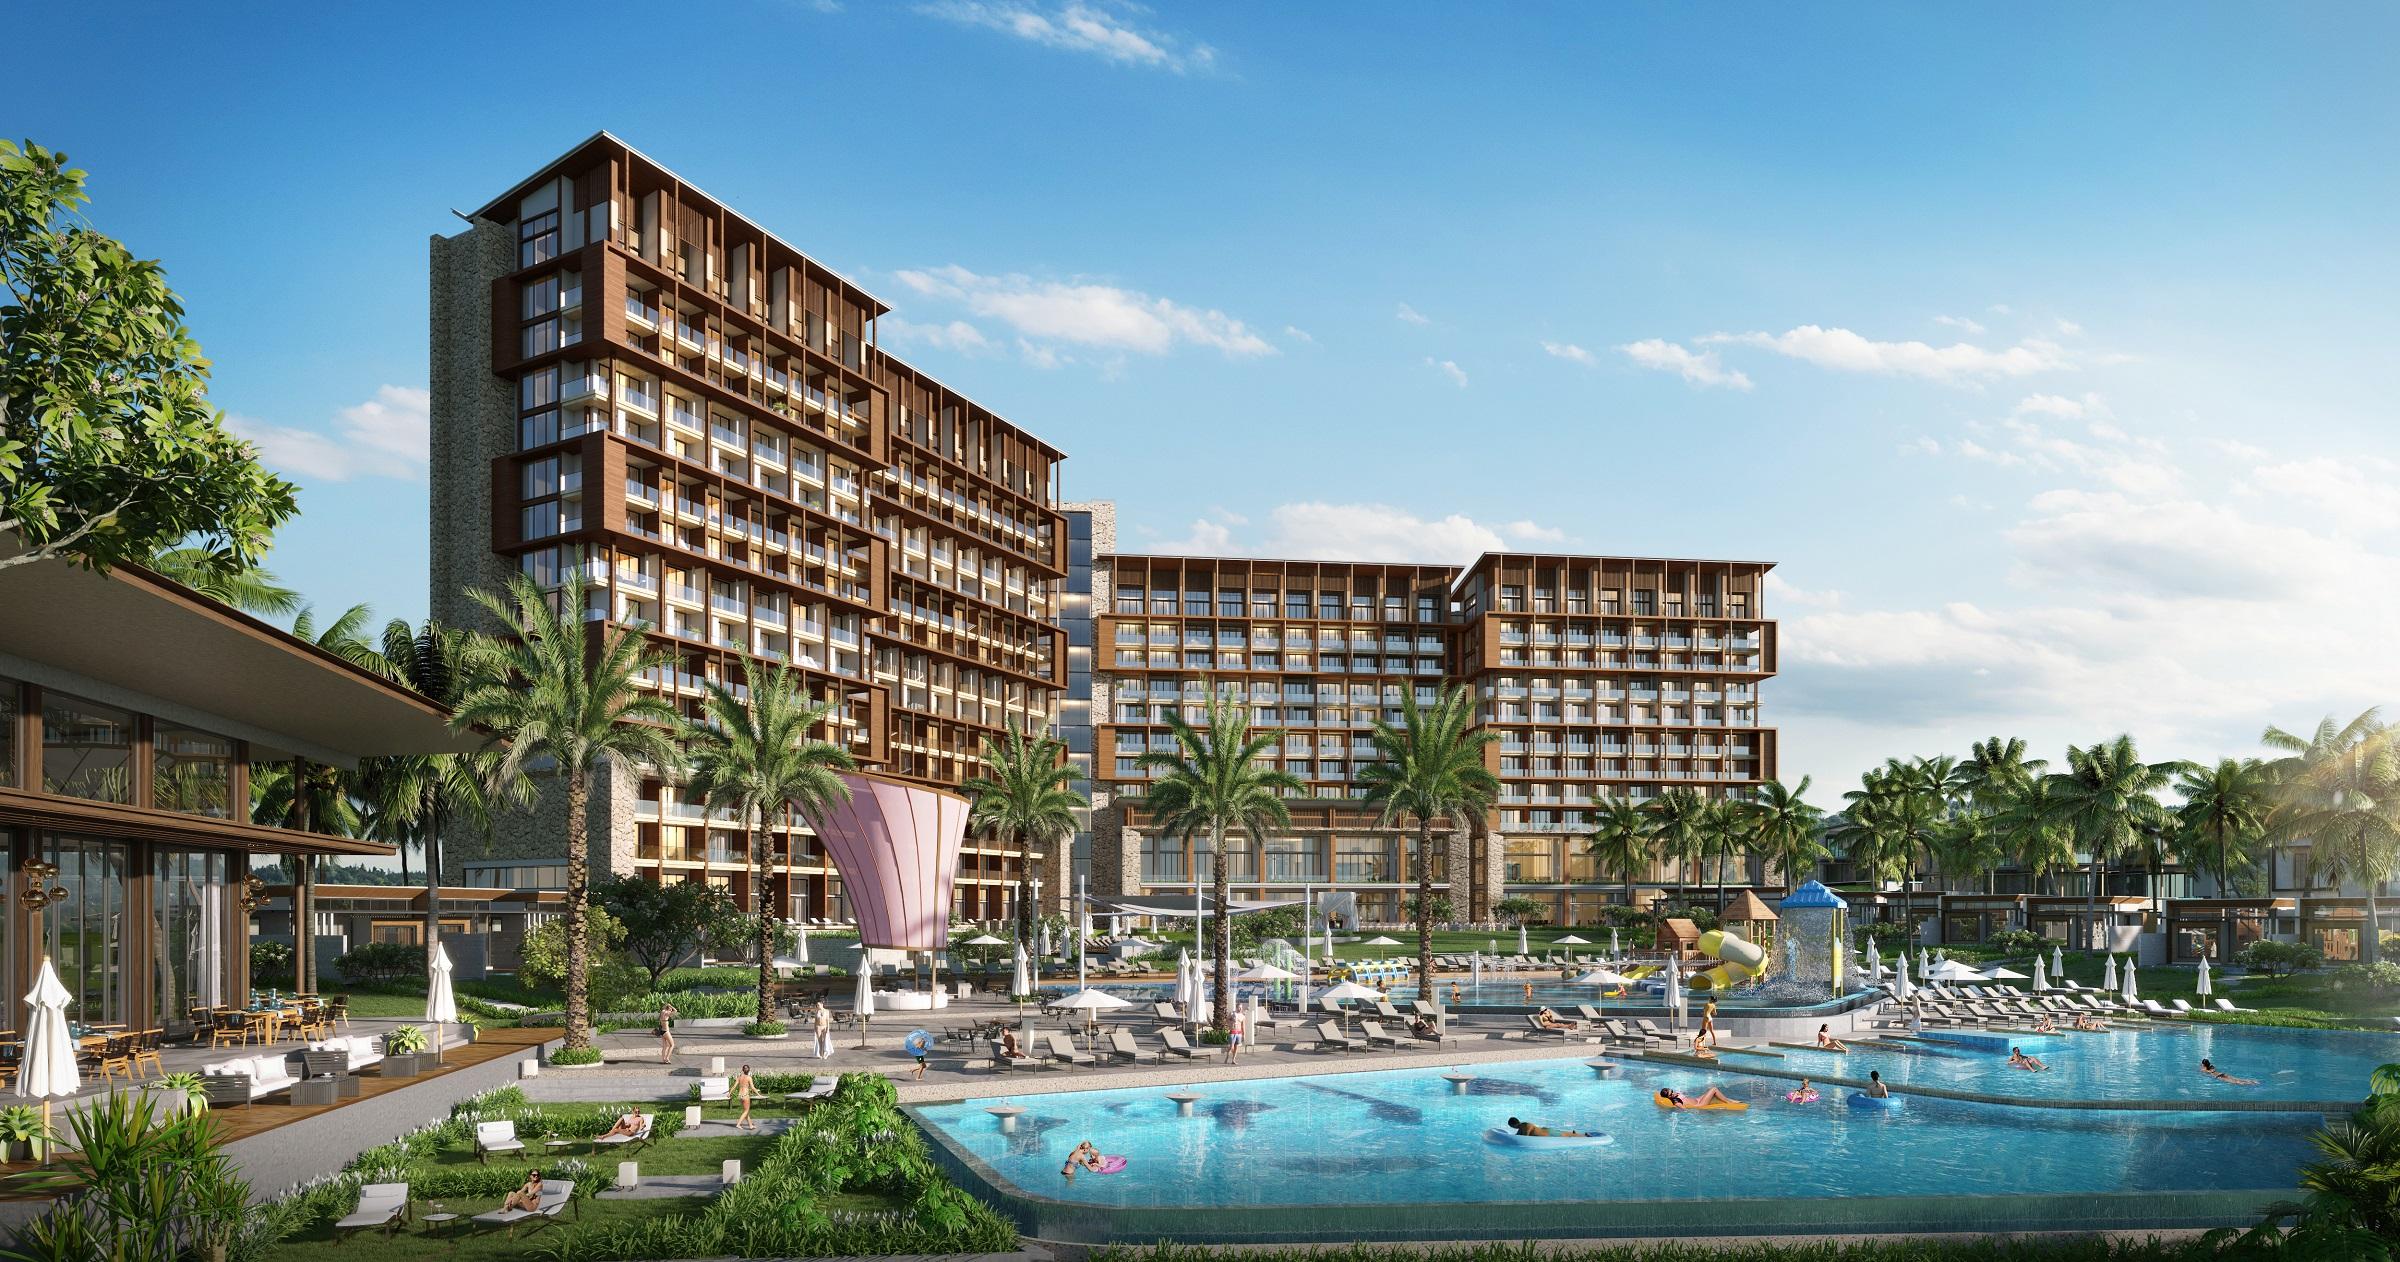 Phối cảnh khách sạn thuộc dự án Le Méridien Đà Nẵng Resort & Spa. Ảnh: IFF Holdings.